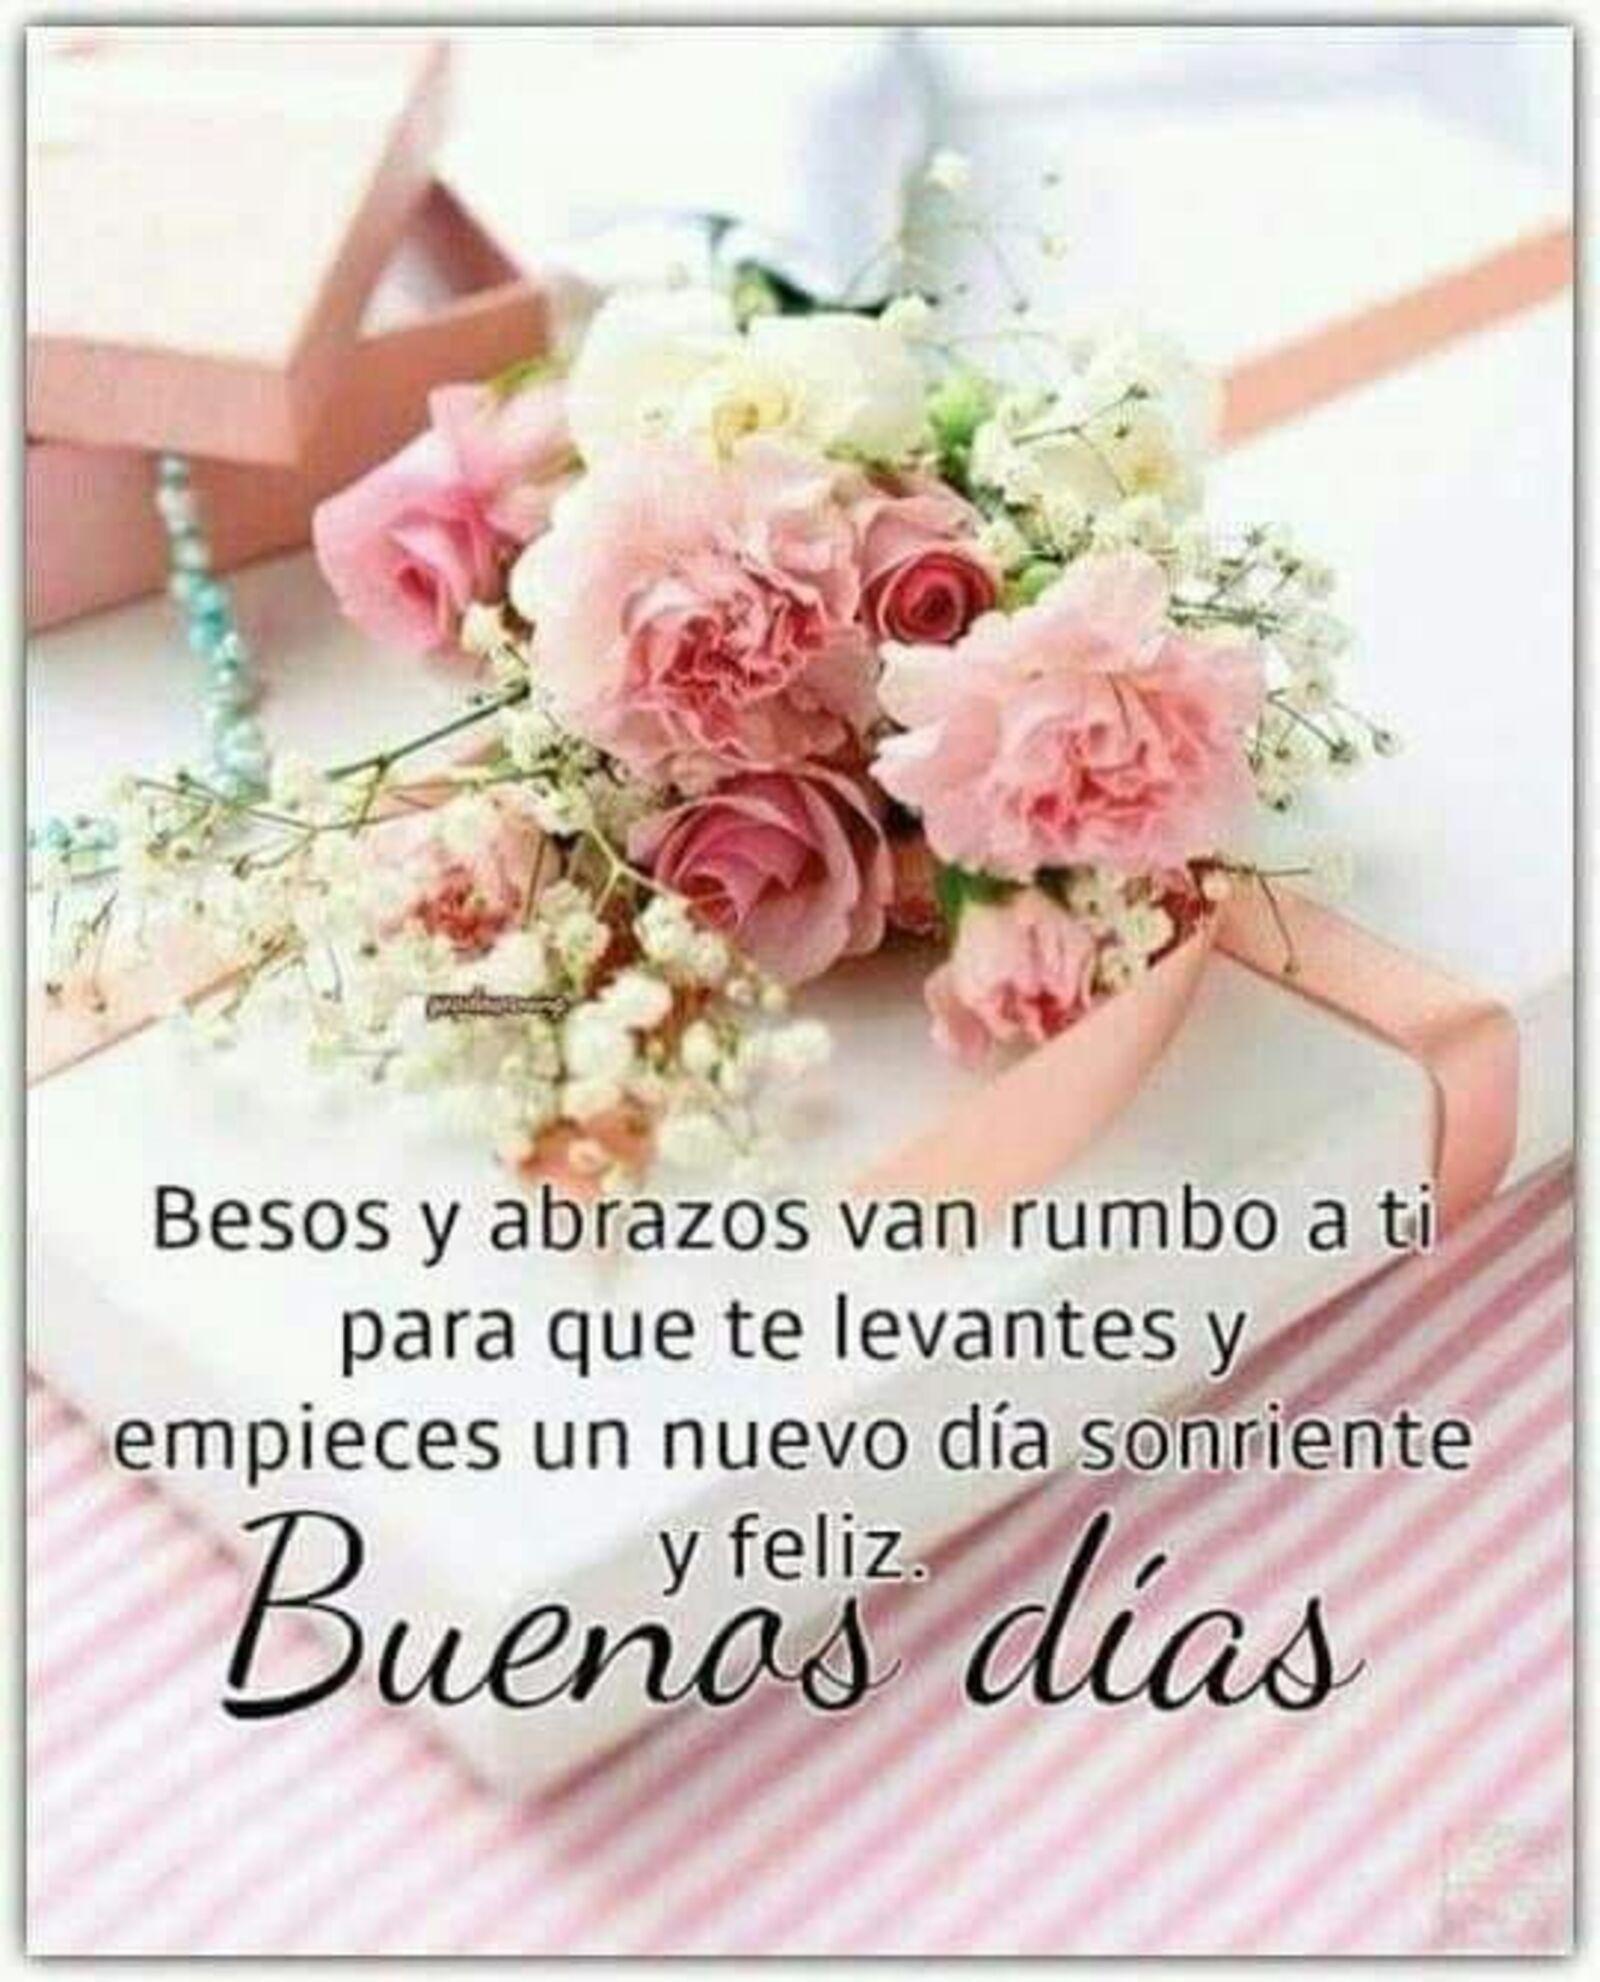 Besos y abrazos van rumbo a ti para que te levantes y empieces un nuevo día sonriente y feliz. Buenos días